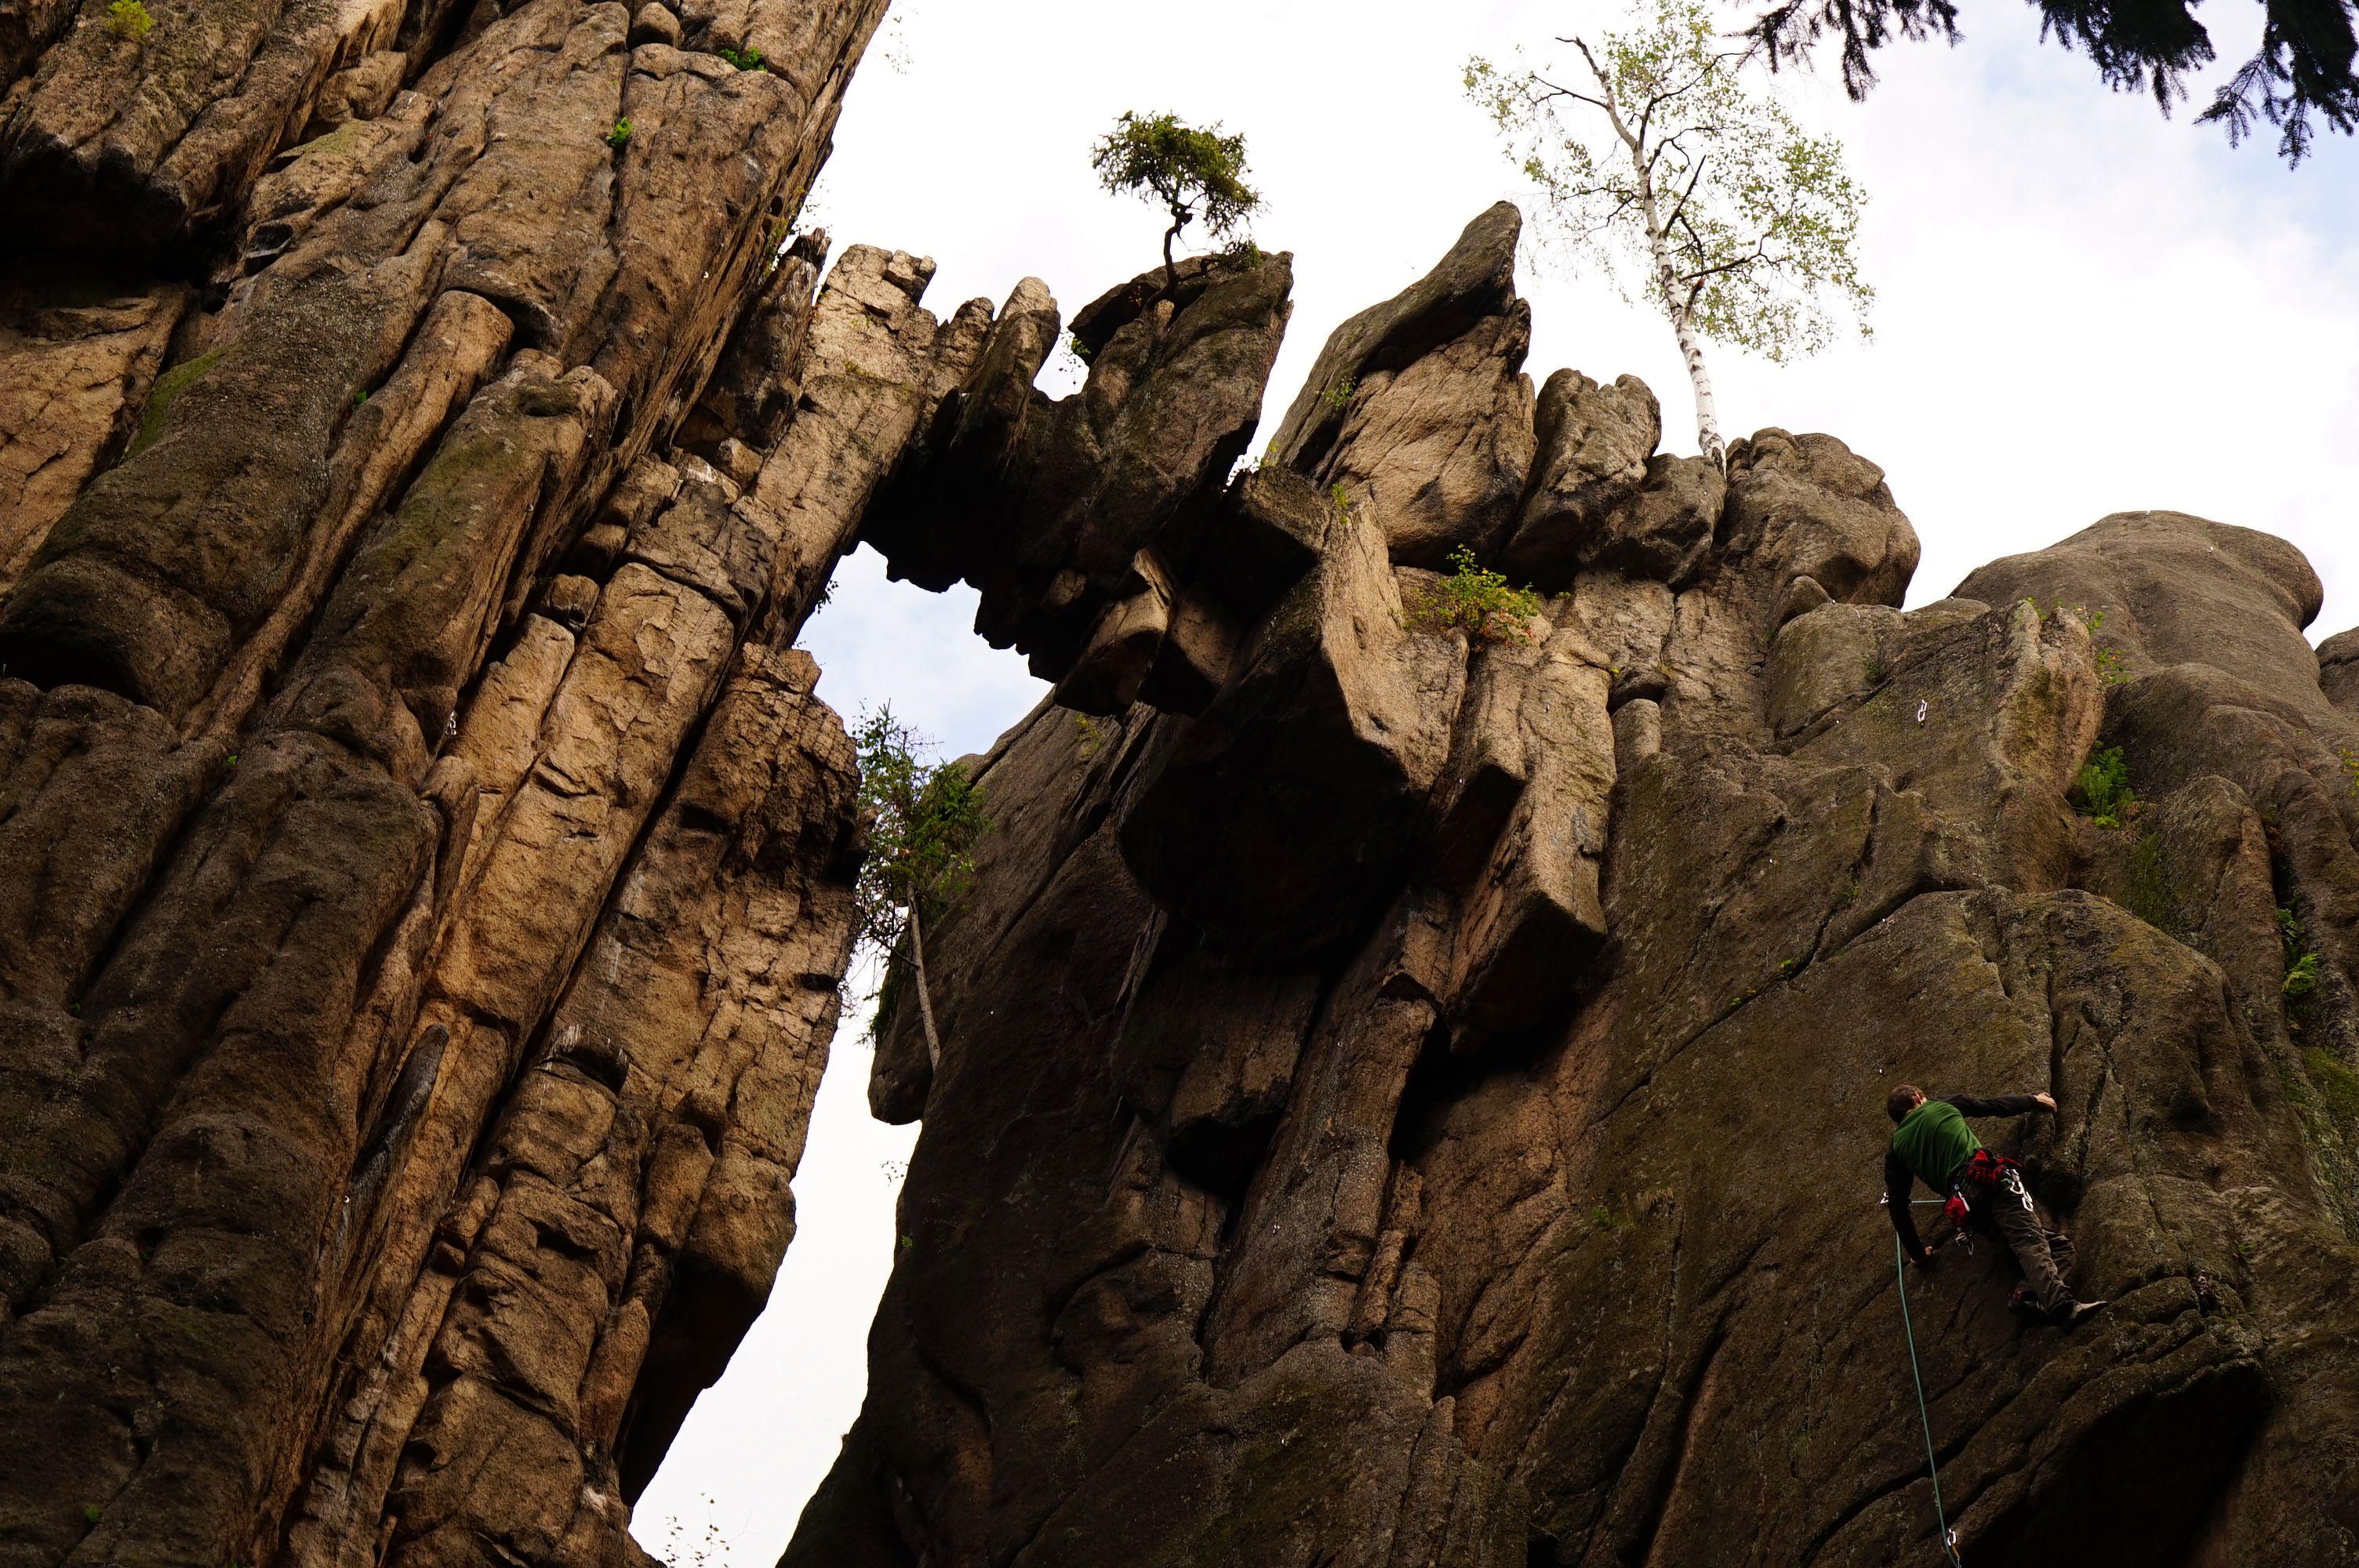 Wspinacz z wrocławskiej ekipy wspinaczkowej pokonujący drogę o poziomie trudności VI.1